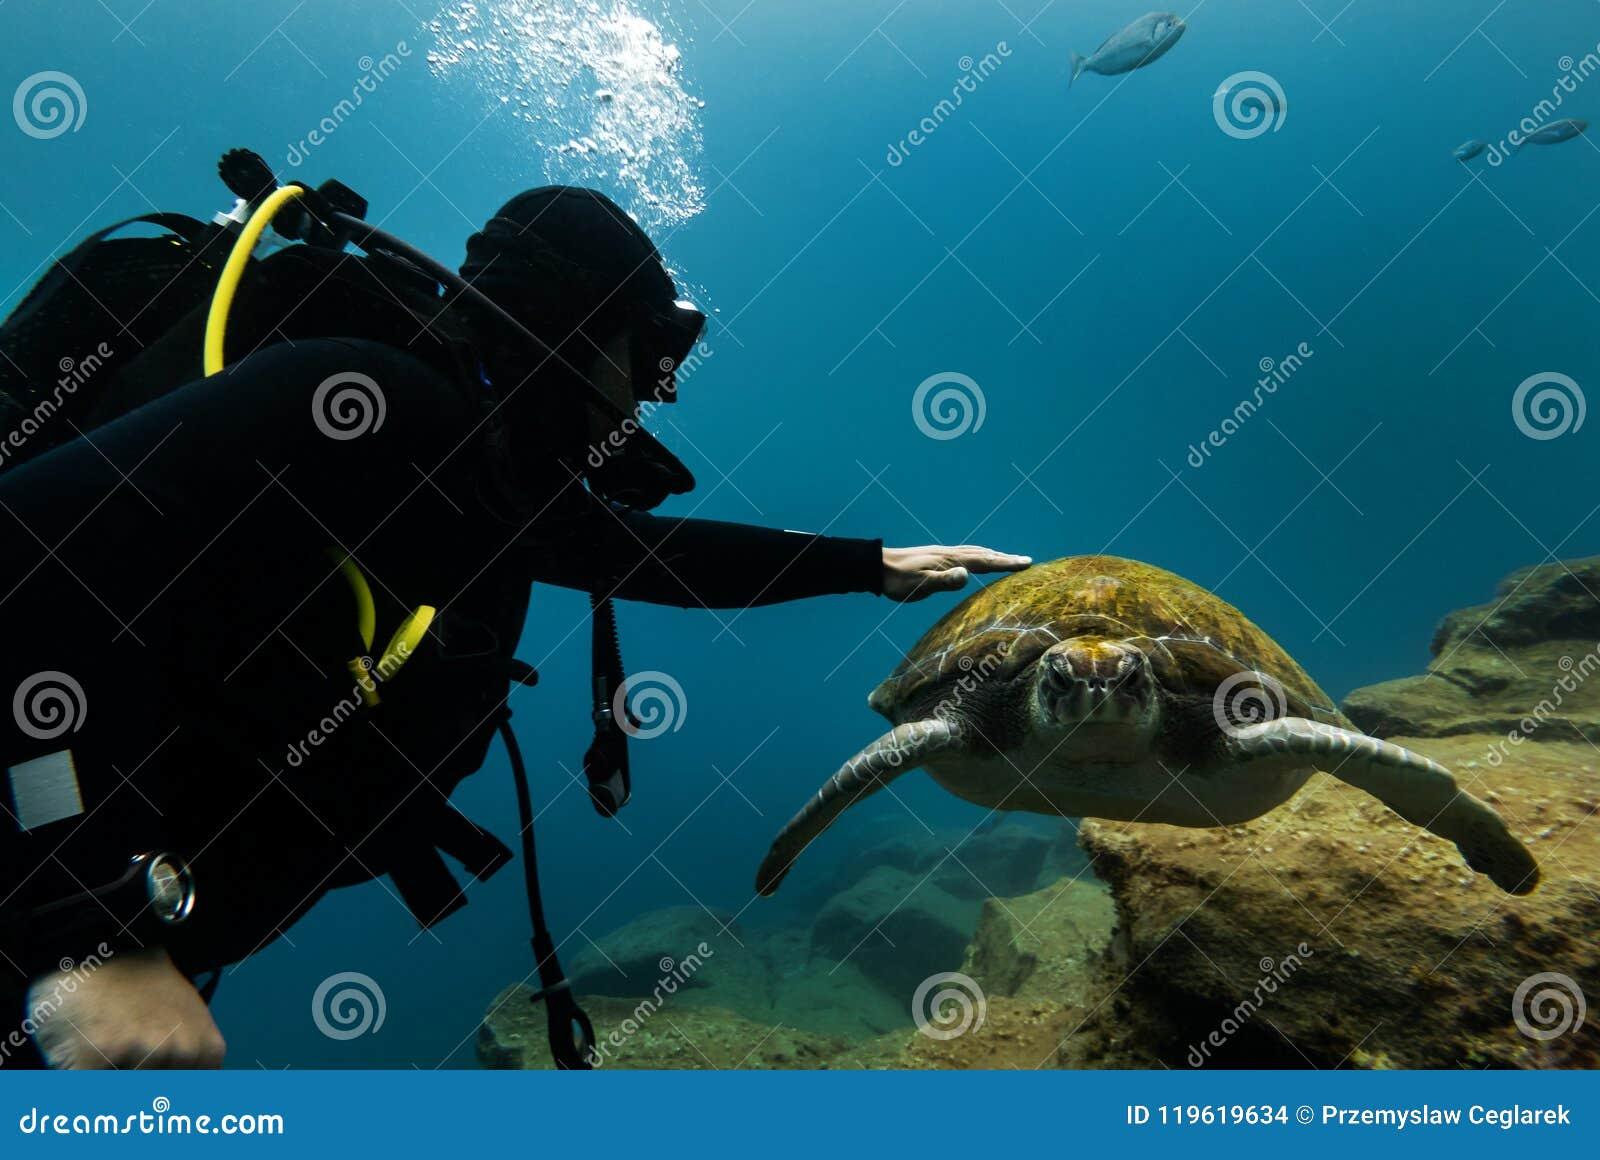 Mergulhadores e tartaruga